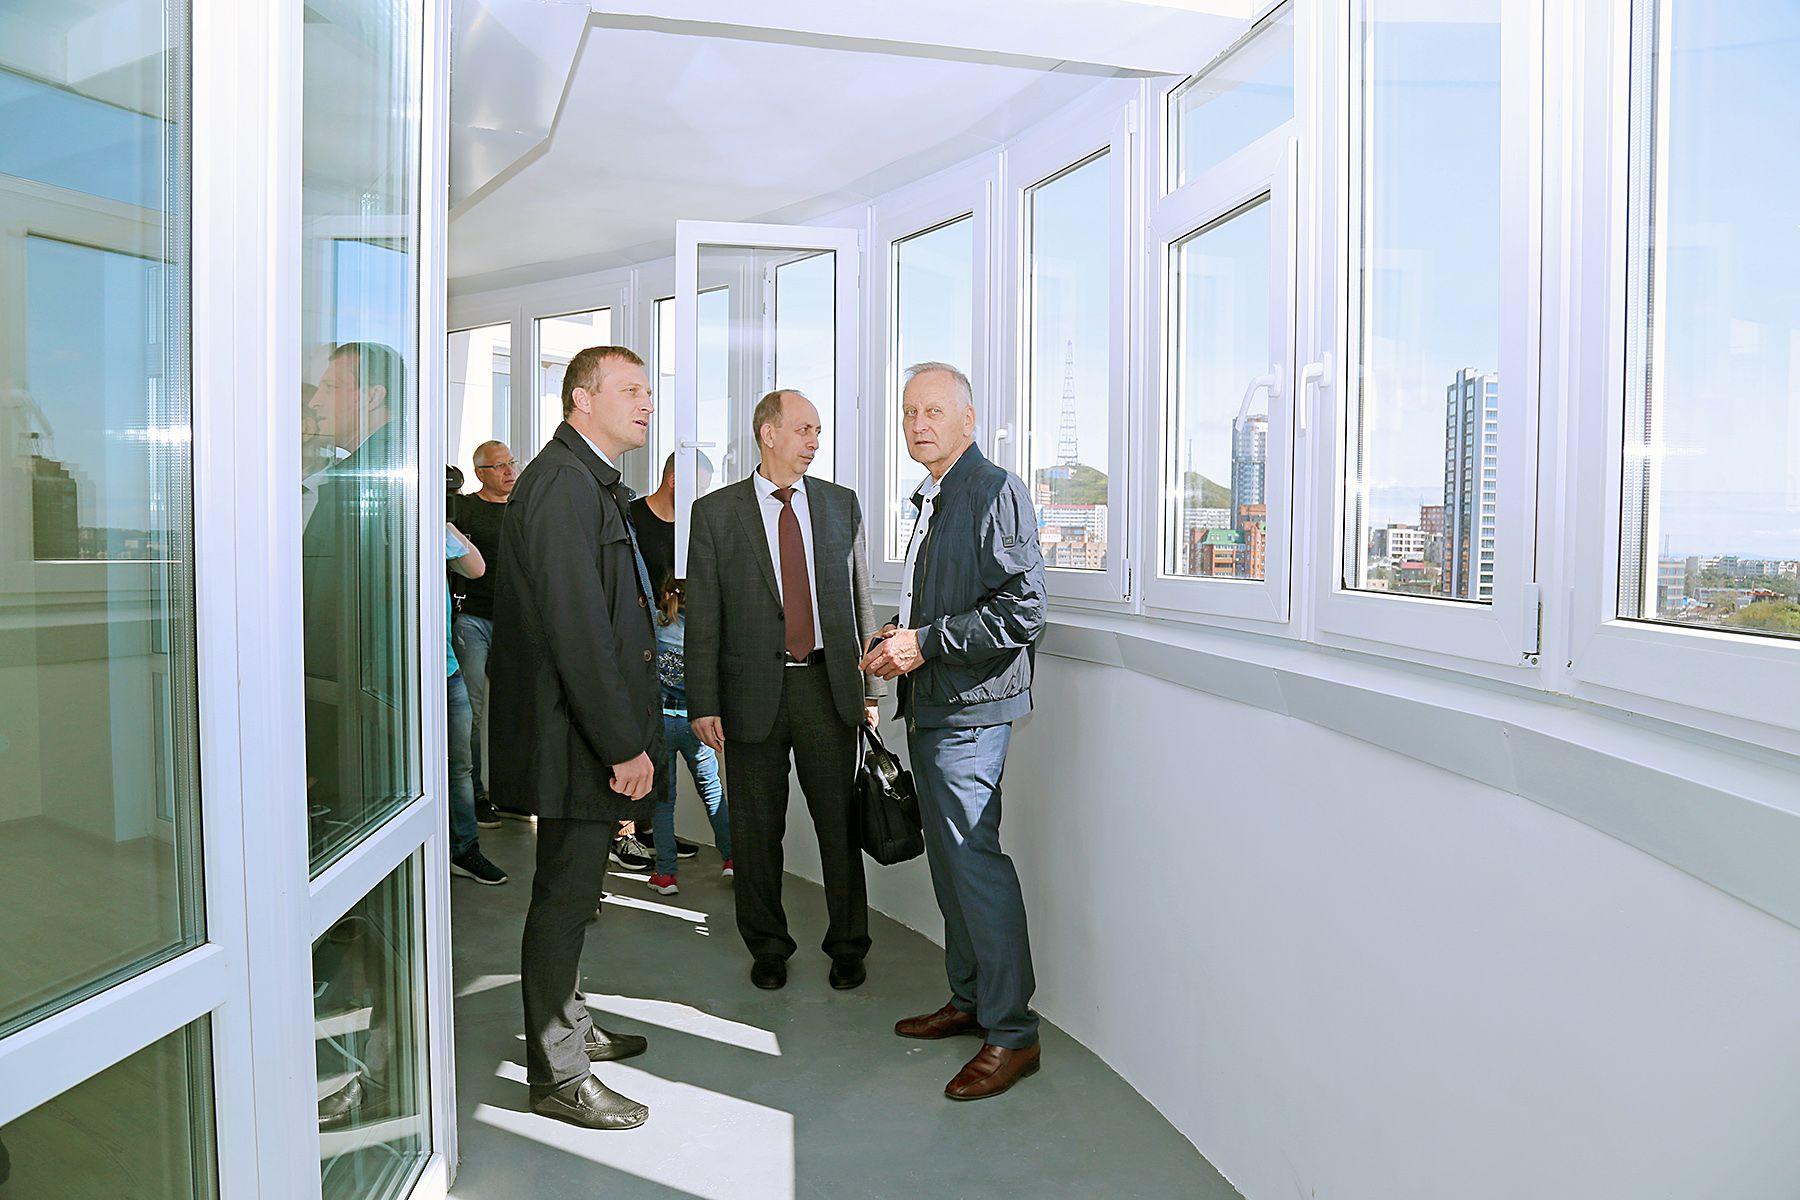 ВГУЭС построил второй 27-этажный дом для преподавателей и сотрудников: жилой комплекс в центре города встречает счастливых новоселов